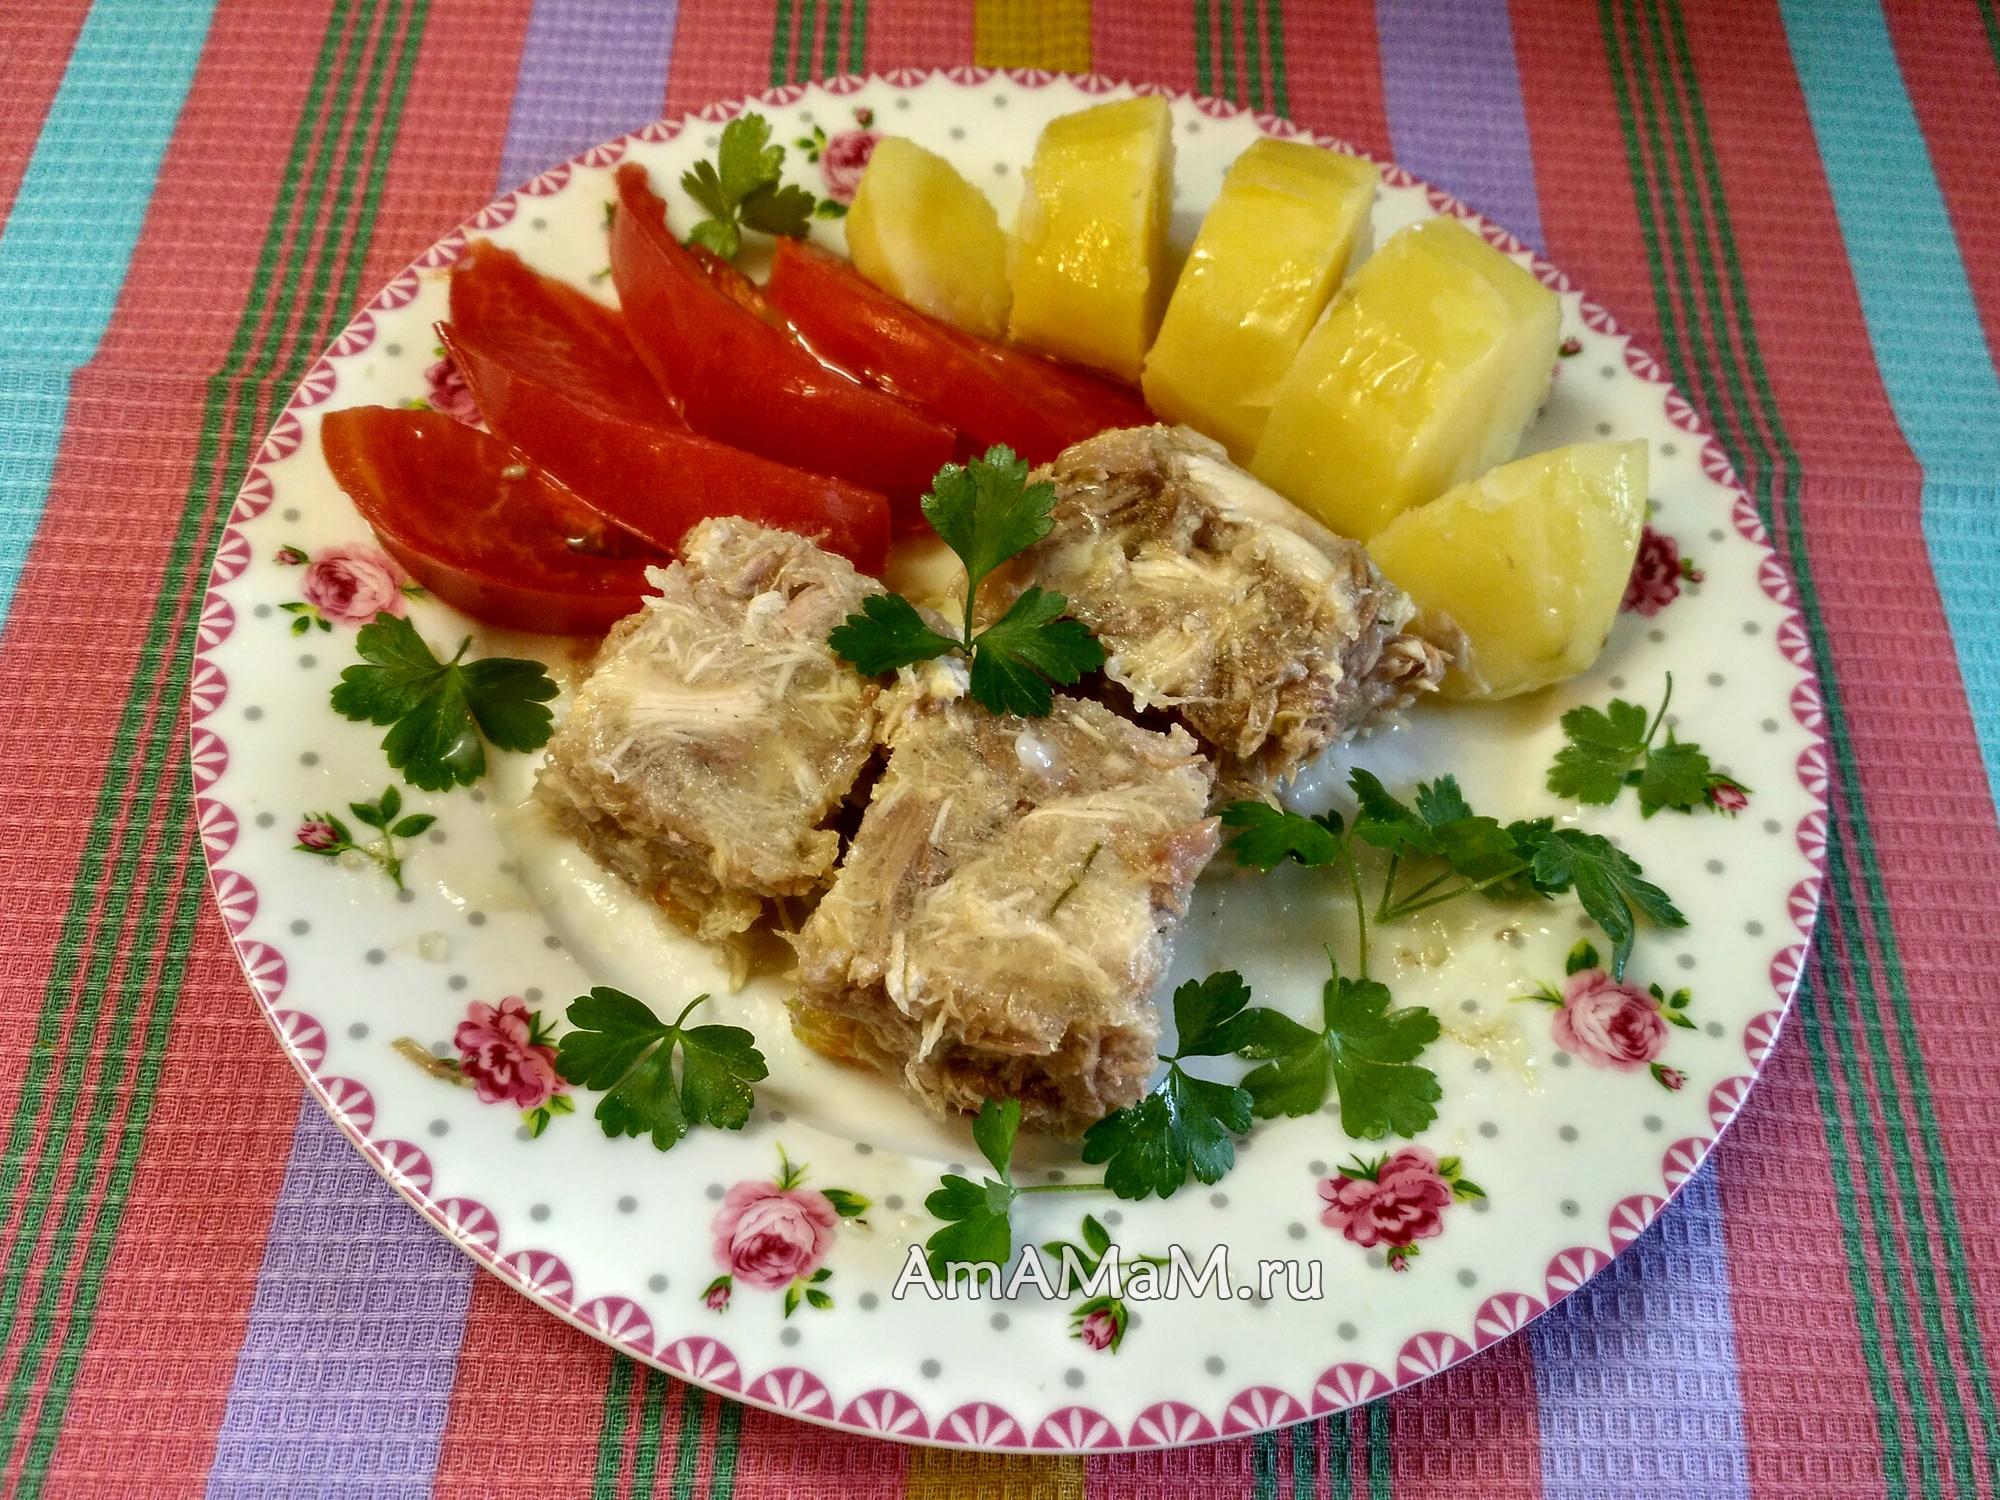 Вкусный домашний холодец с гарниром из картошки и помидоров